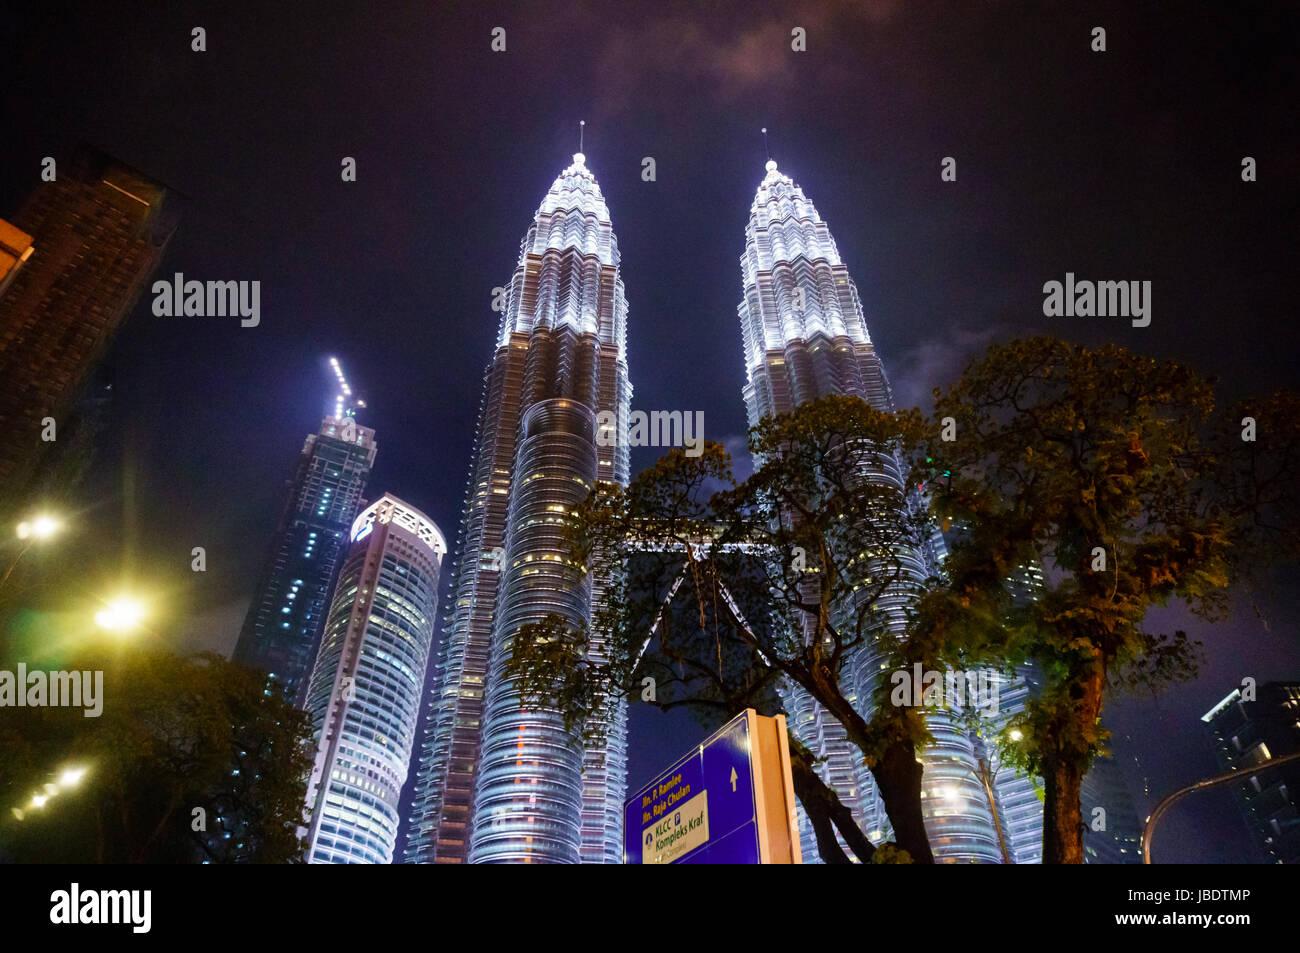 Kuala Lumpur, Malaisie - 5 mai 2017: les tours Petronas sur une nuit pluvieuse avec un ciel nuageux et pluie Photo Stock